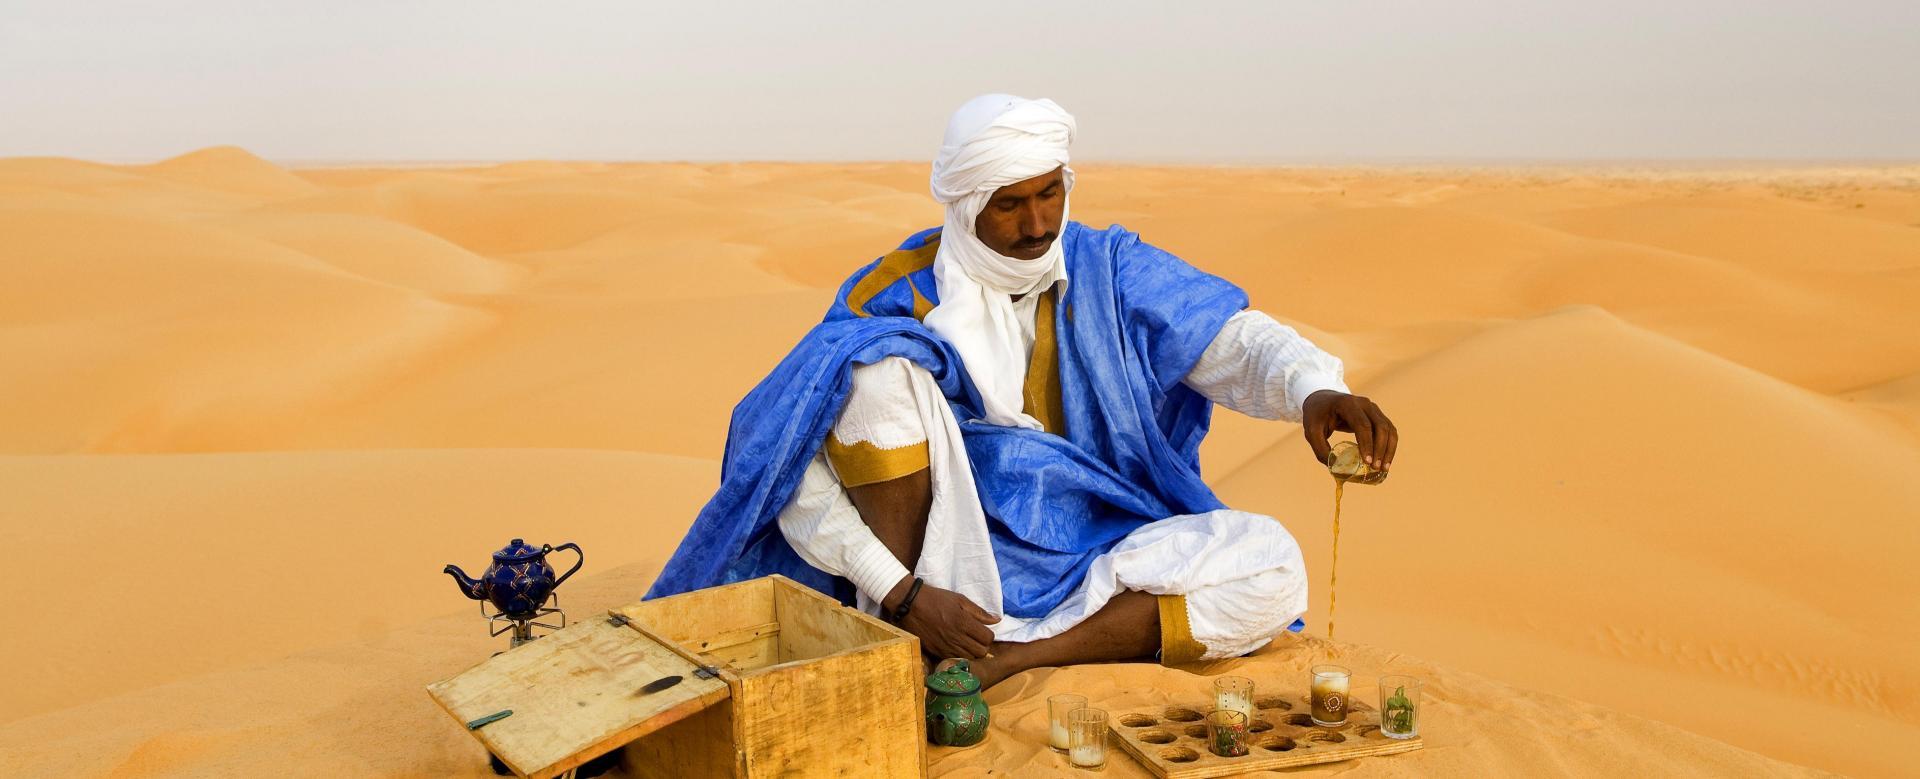 Voyage sur l'eau : Les aventuriers des sables